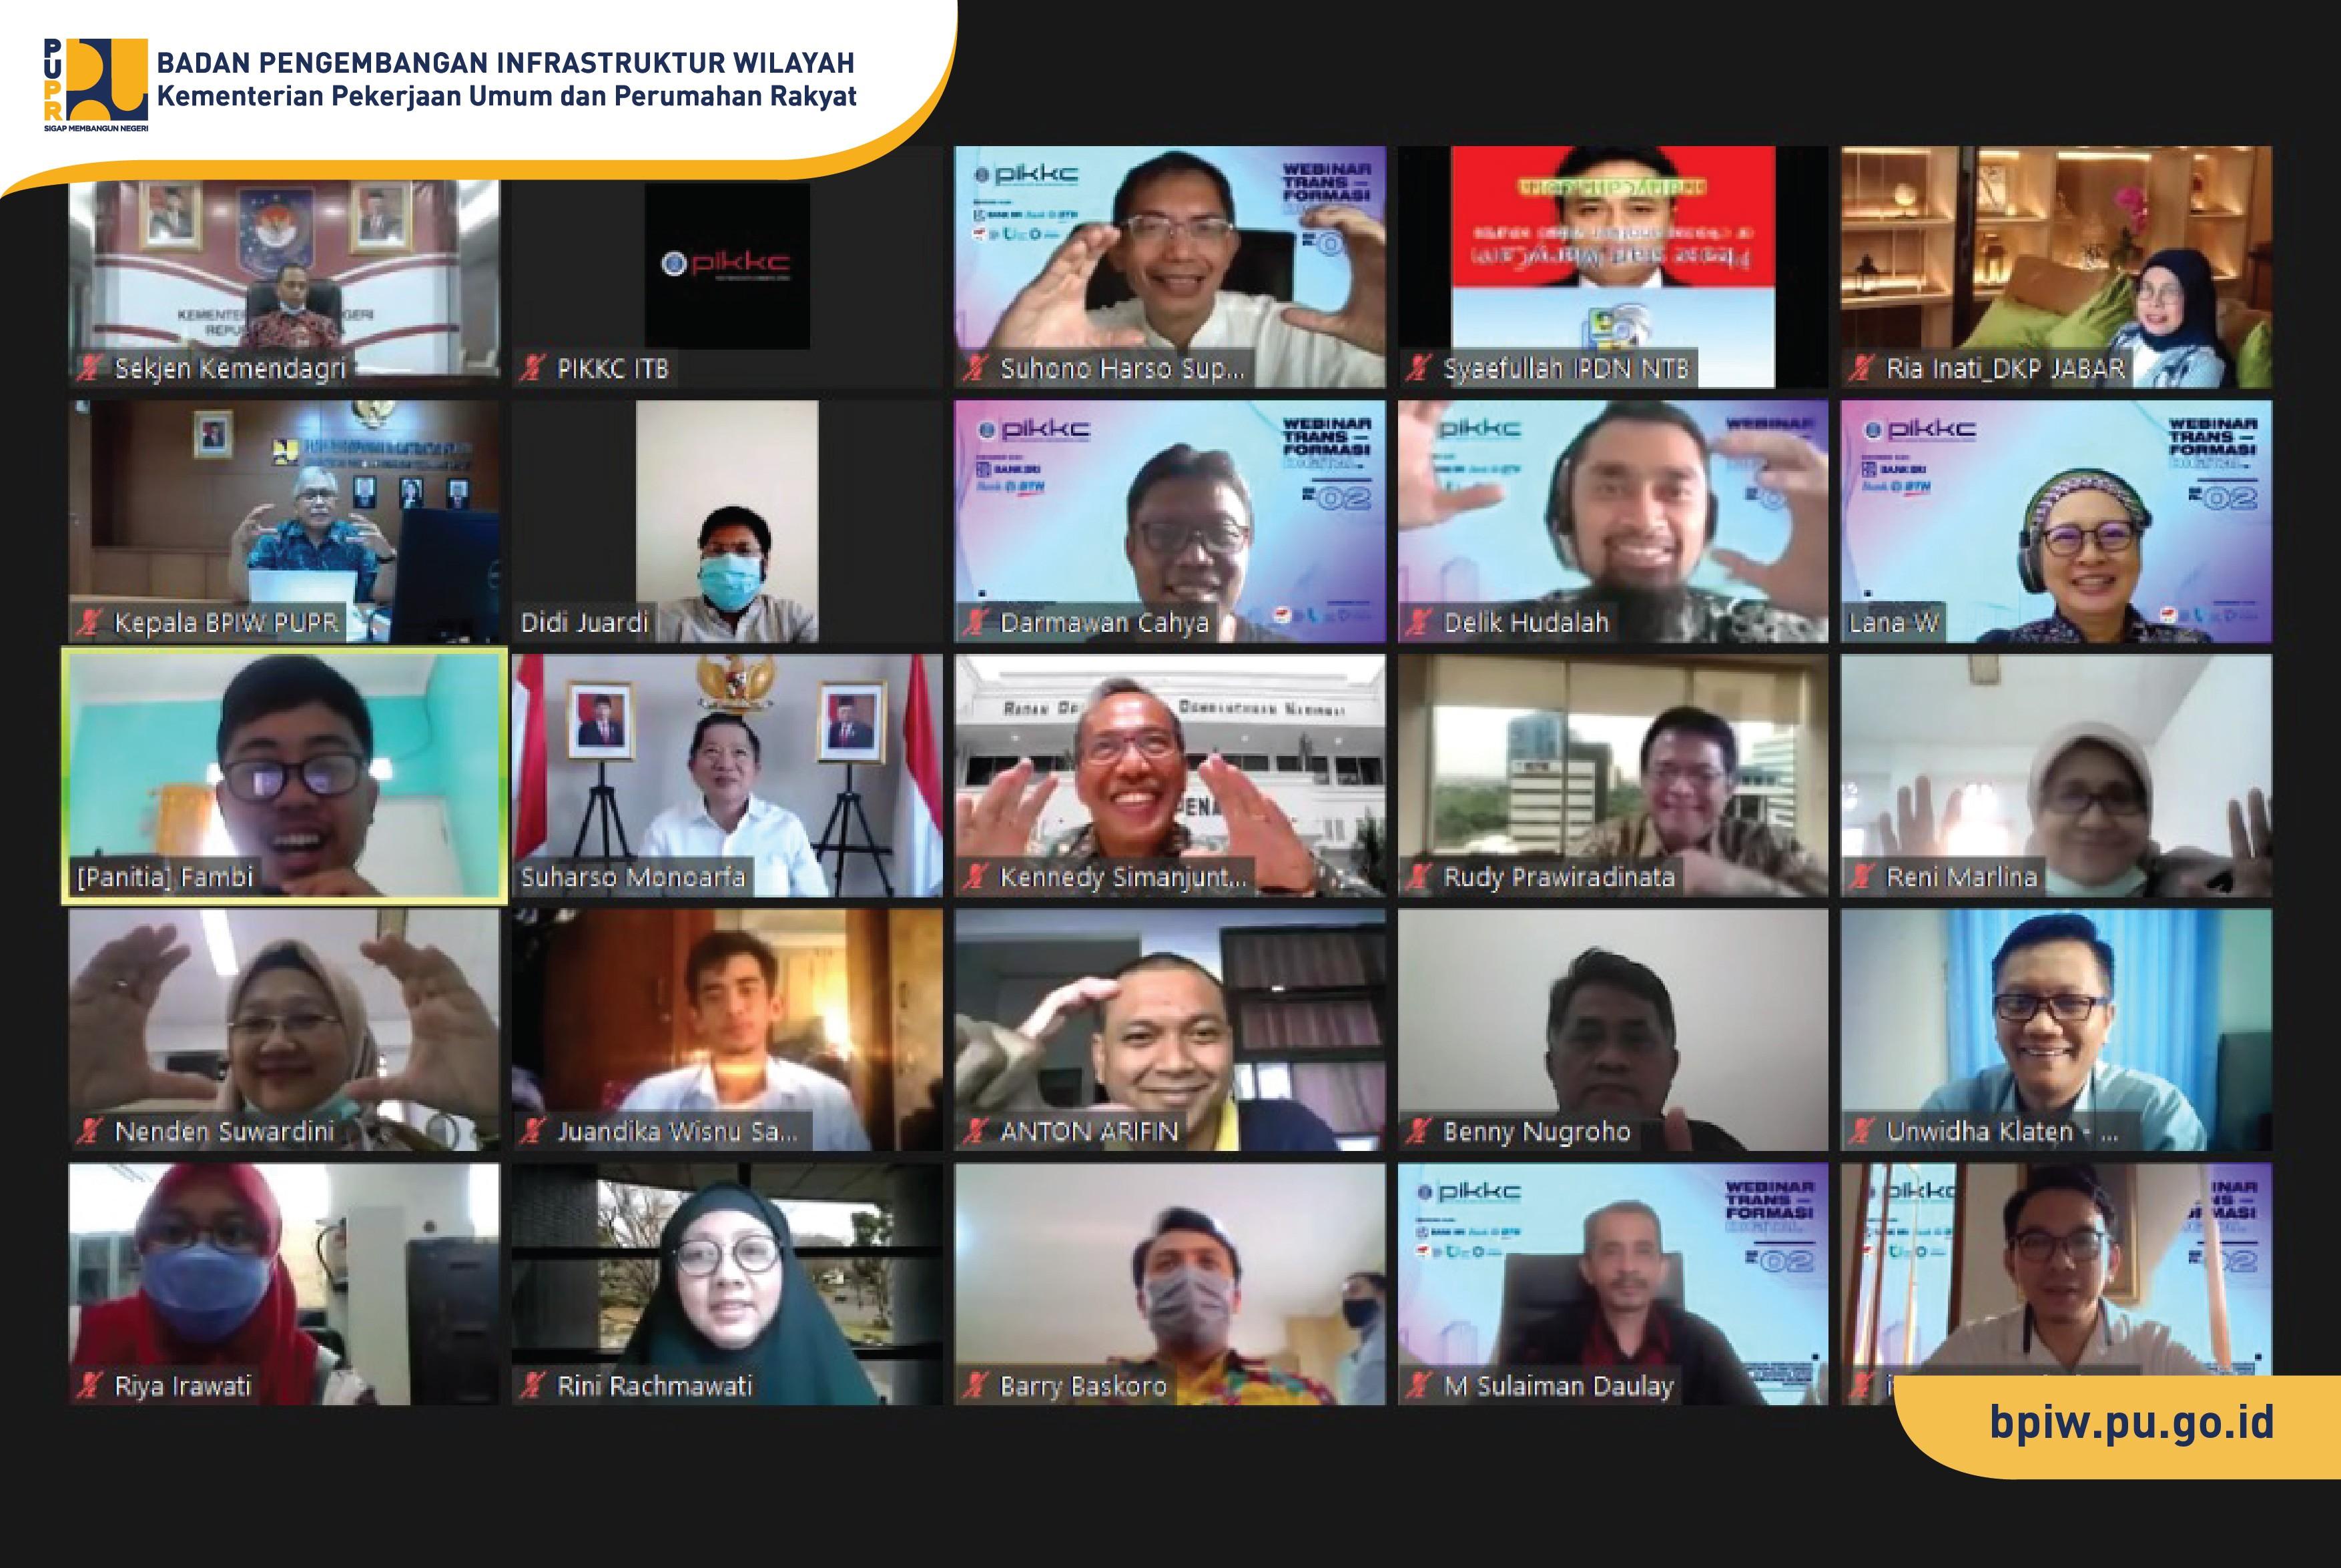 Perlu Replikasi Penerapan Metropolitan Cerdas di 10 Metropolitan di Indonesia